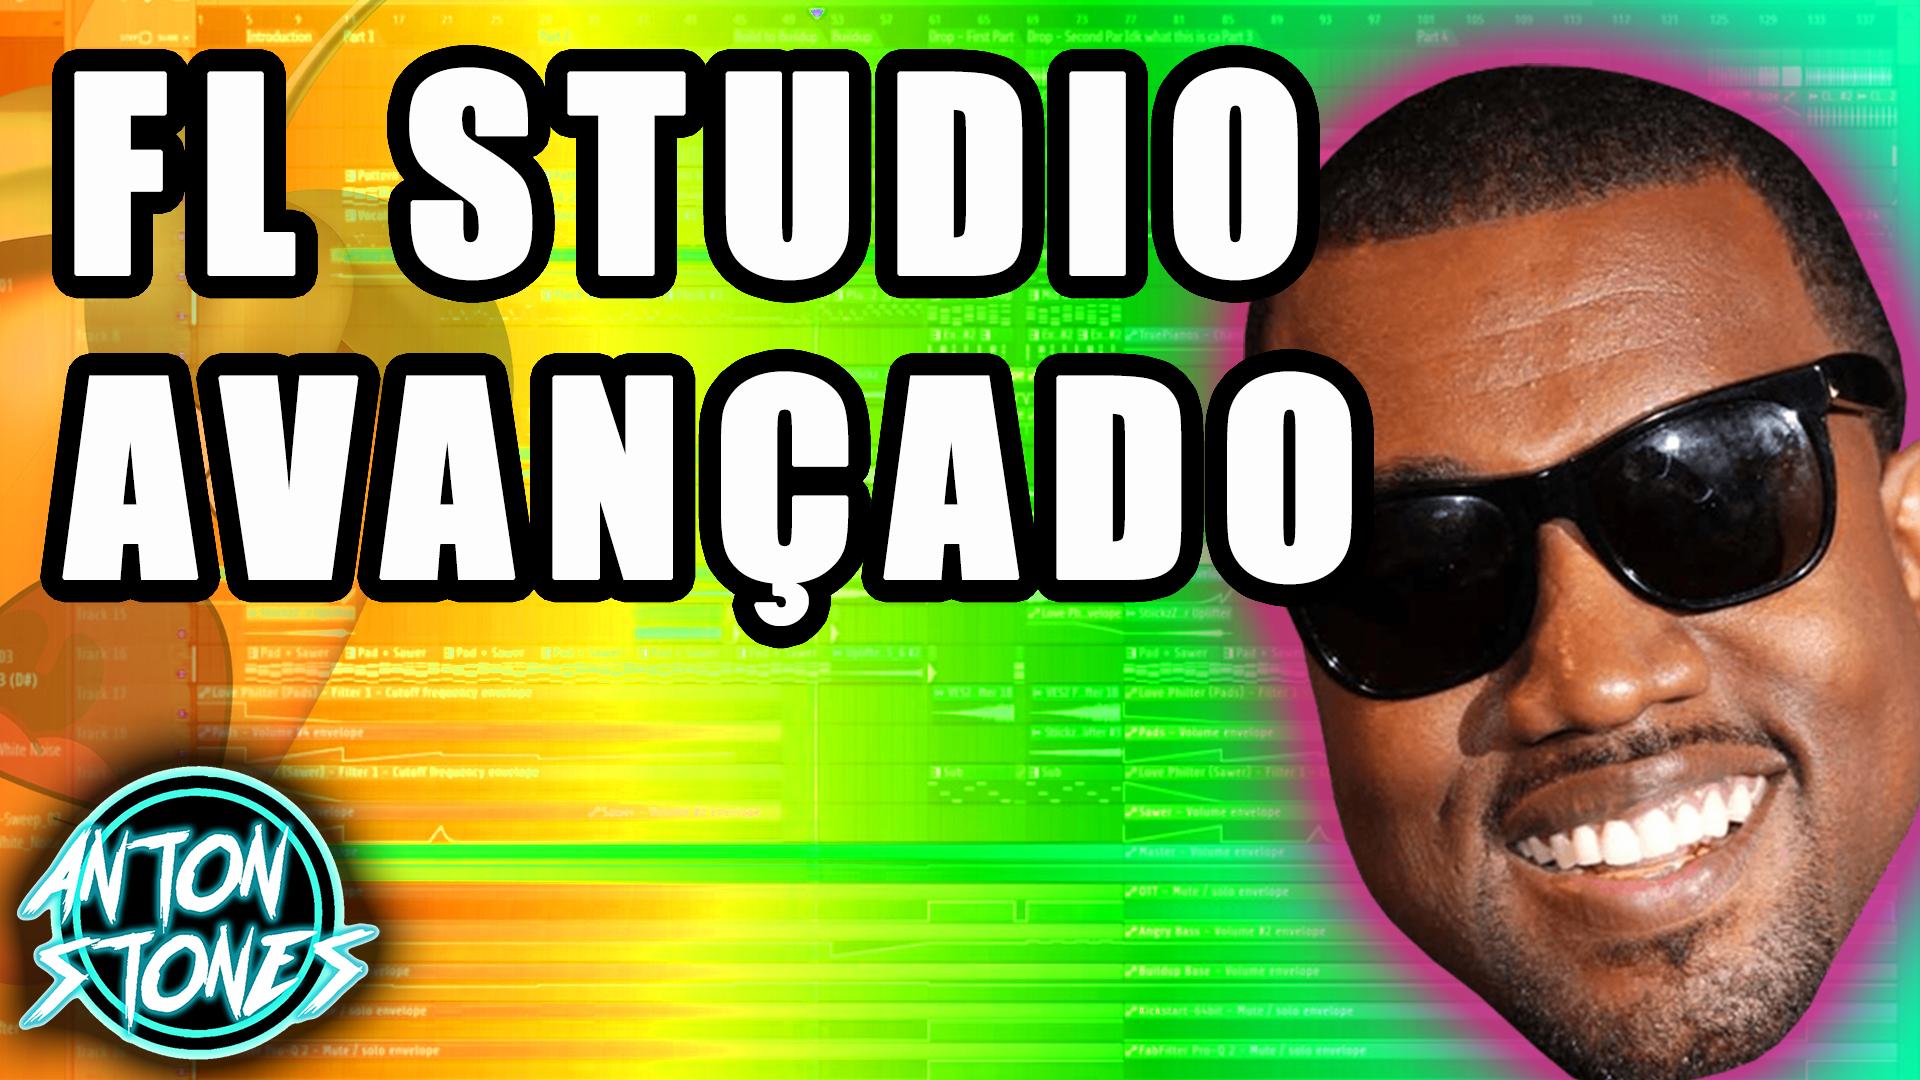 fl studio avancado.jpg